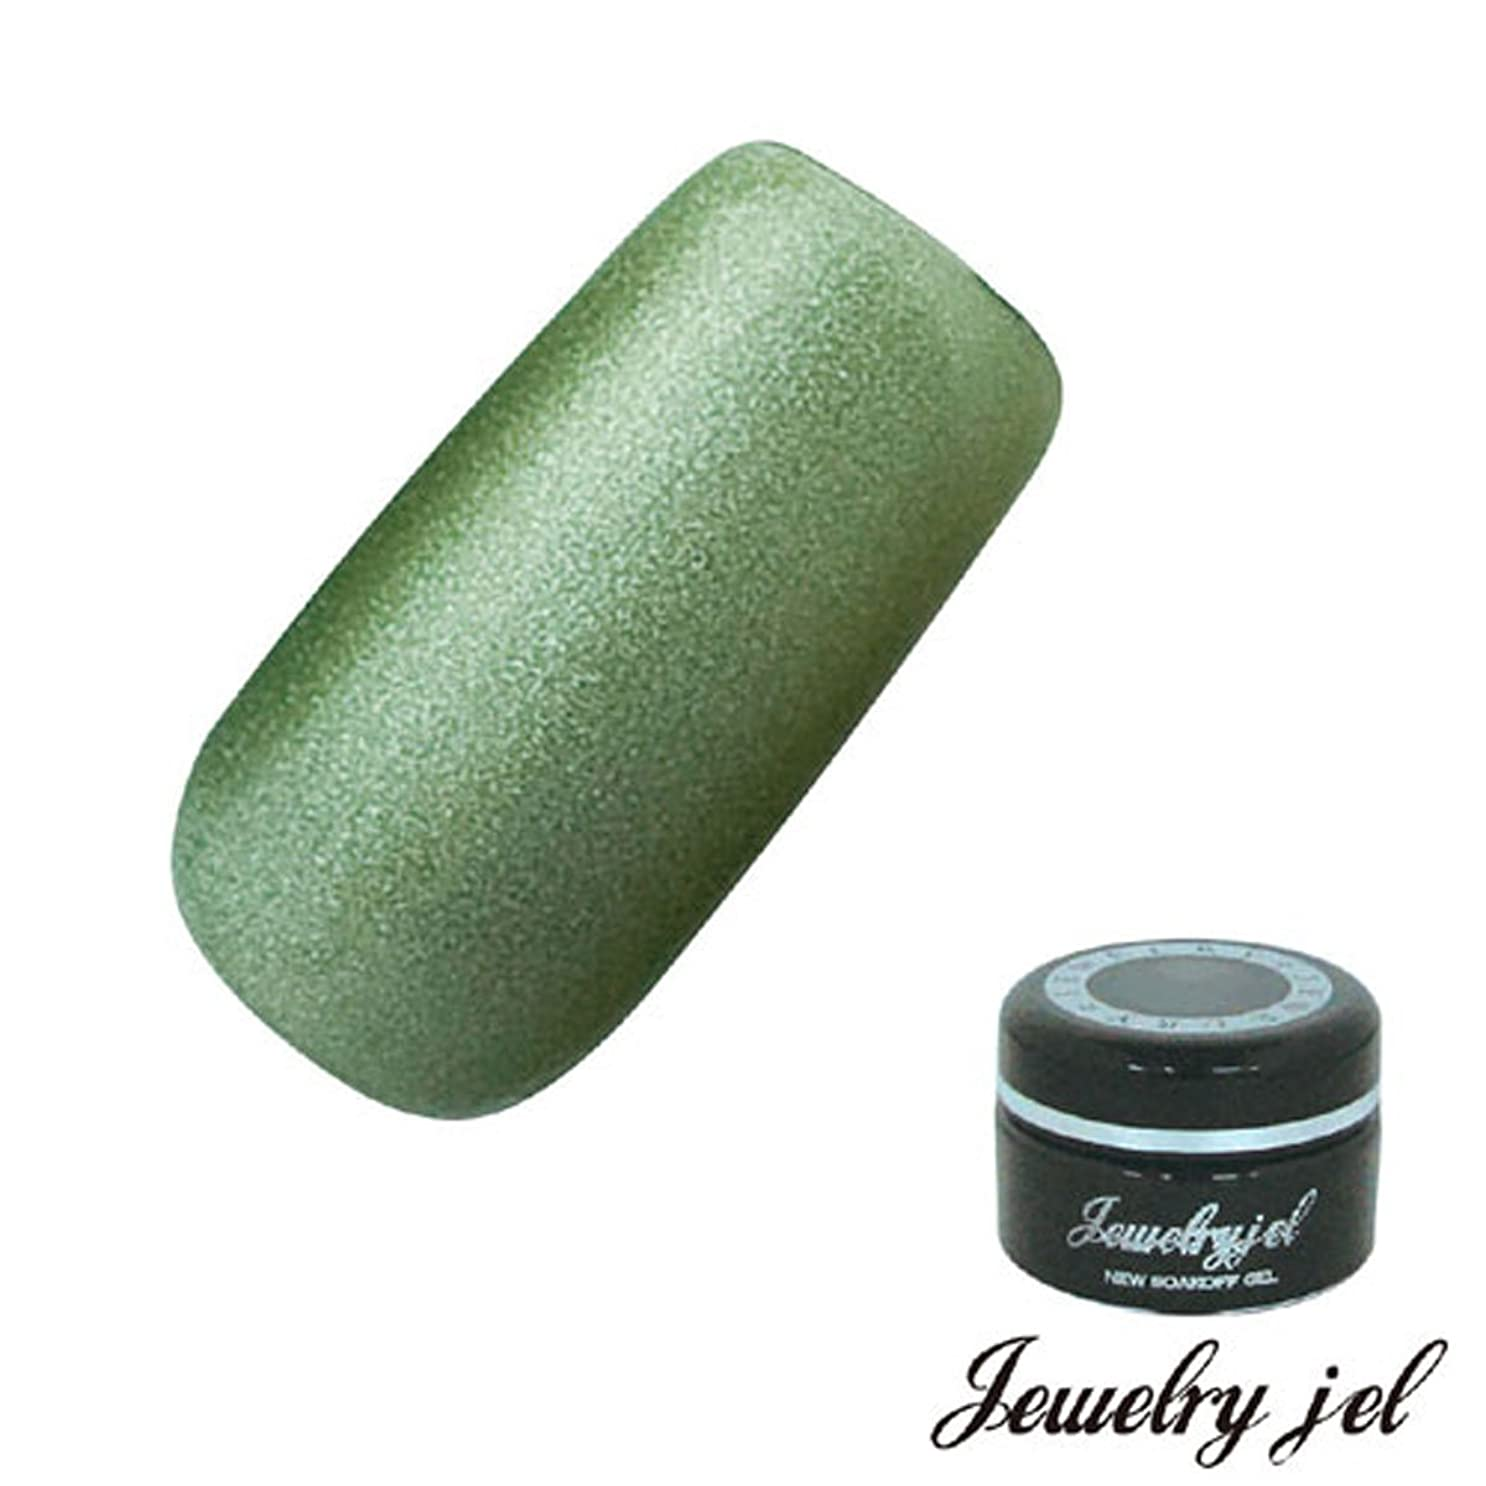 覗く組み合わせ枕ジュエリージェル ジェルネイル カラージェル SG206 3.5g 迷彩グリーン パール入り UV/LED対応  ソークオフジェル グリーン迷彩グリーン